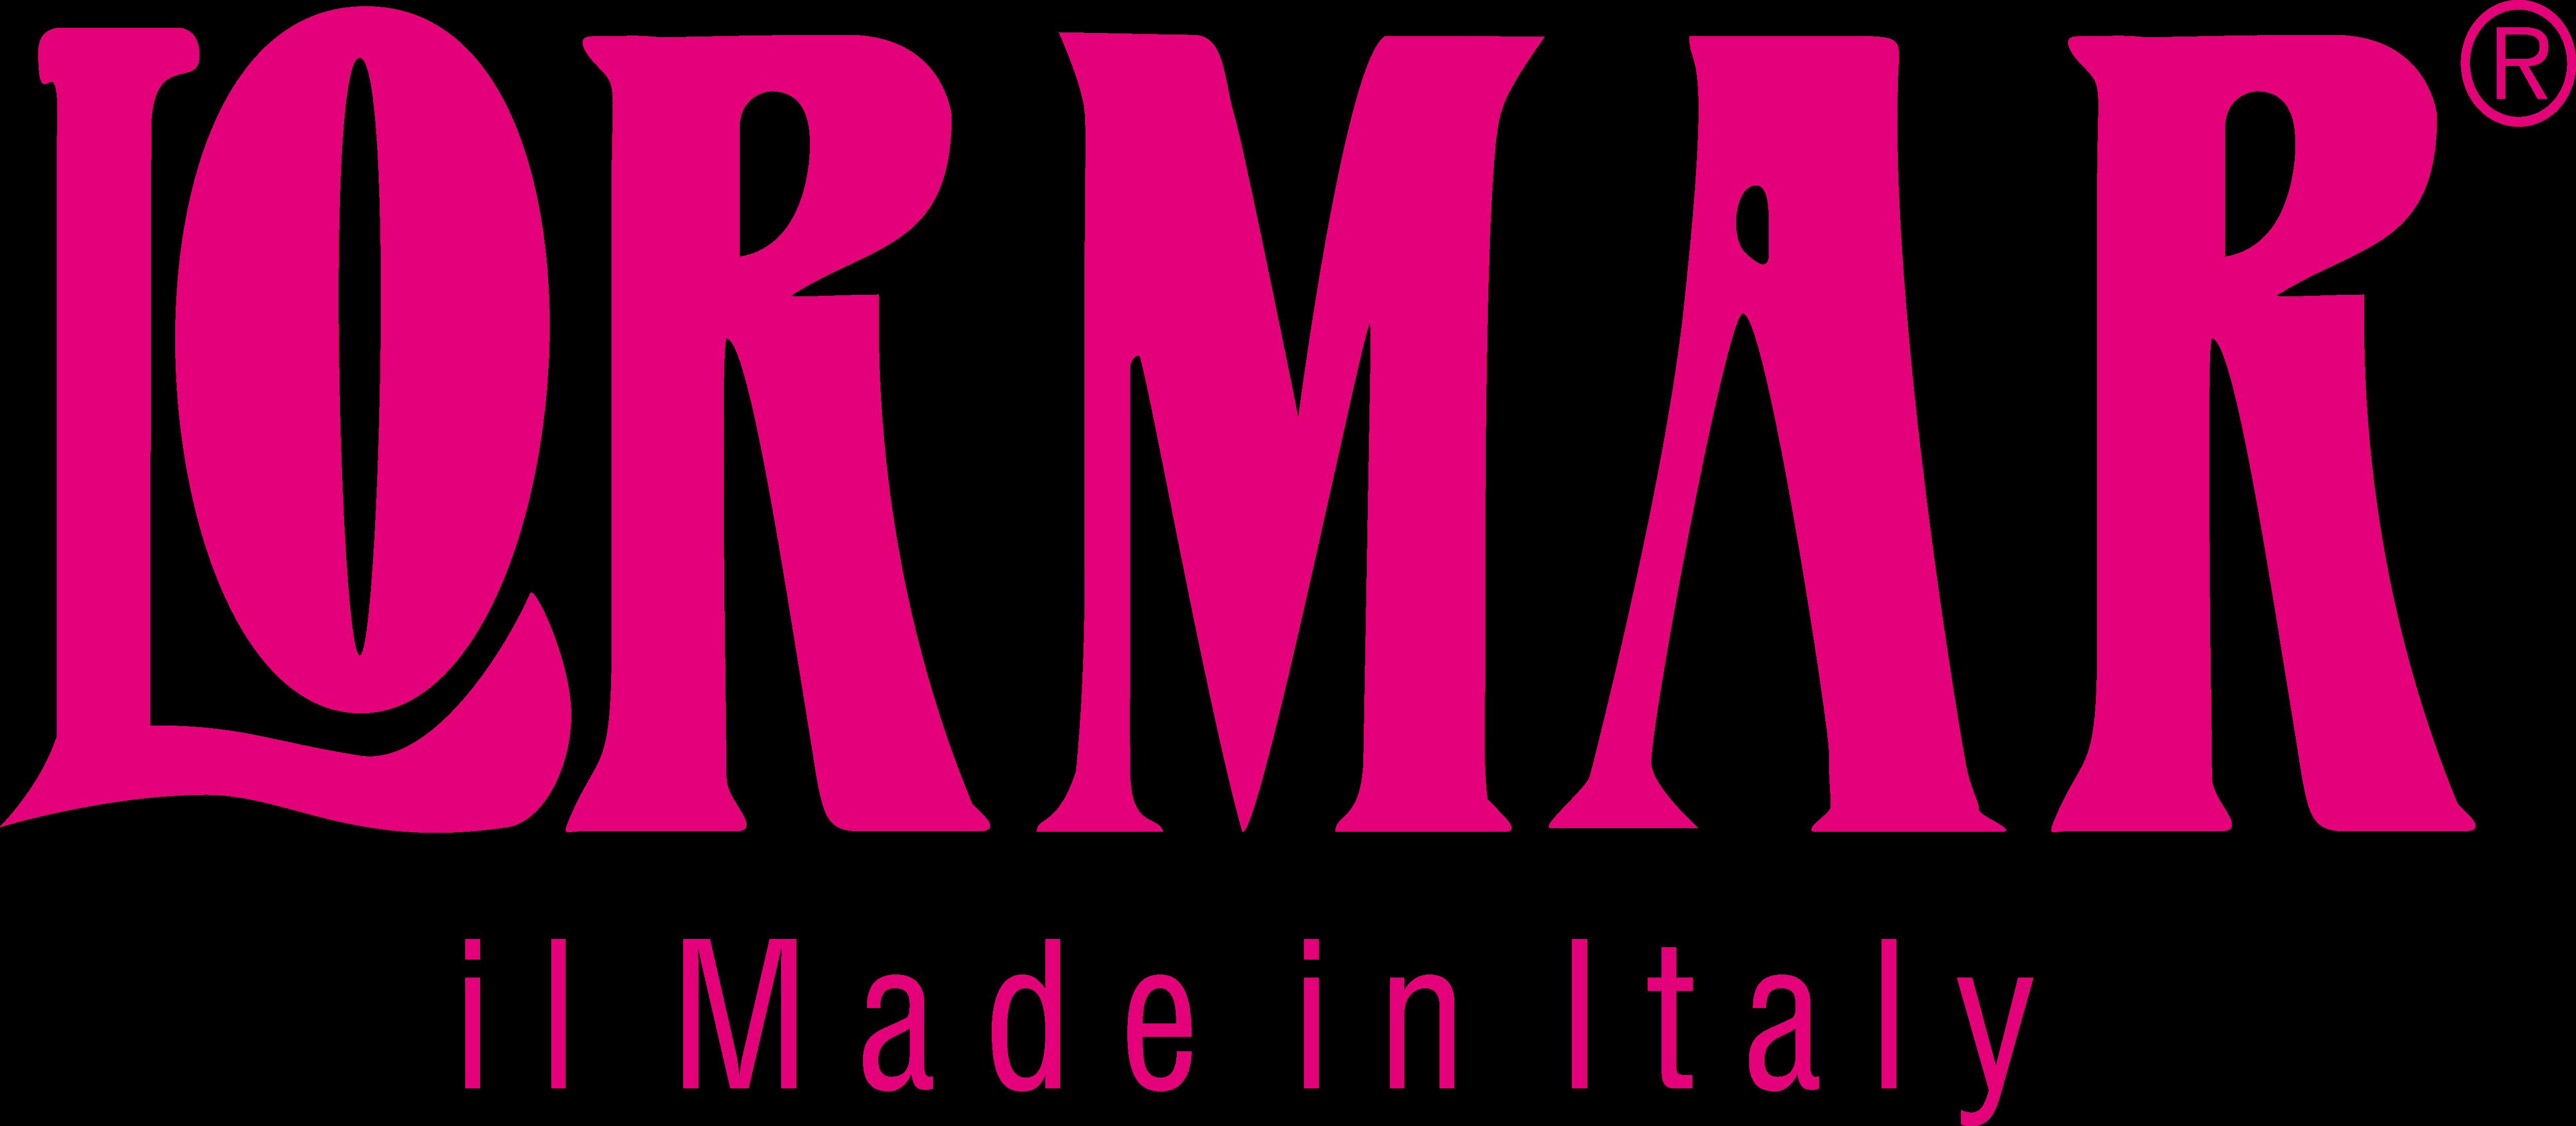 Lormar – Logos Download